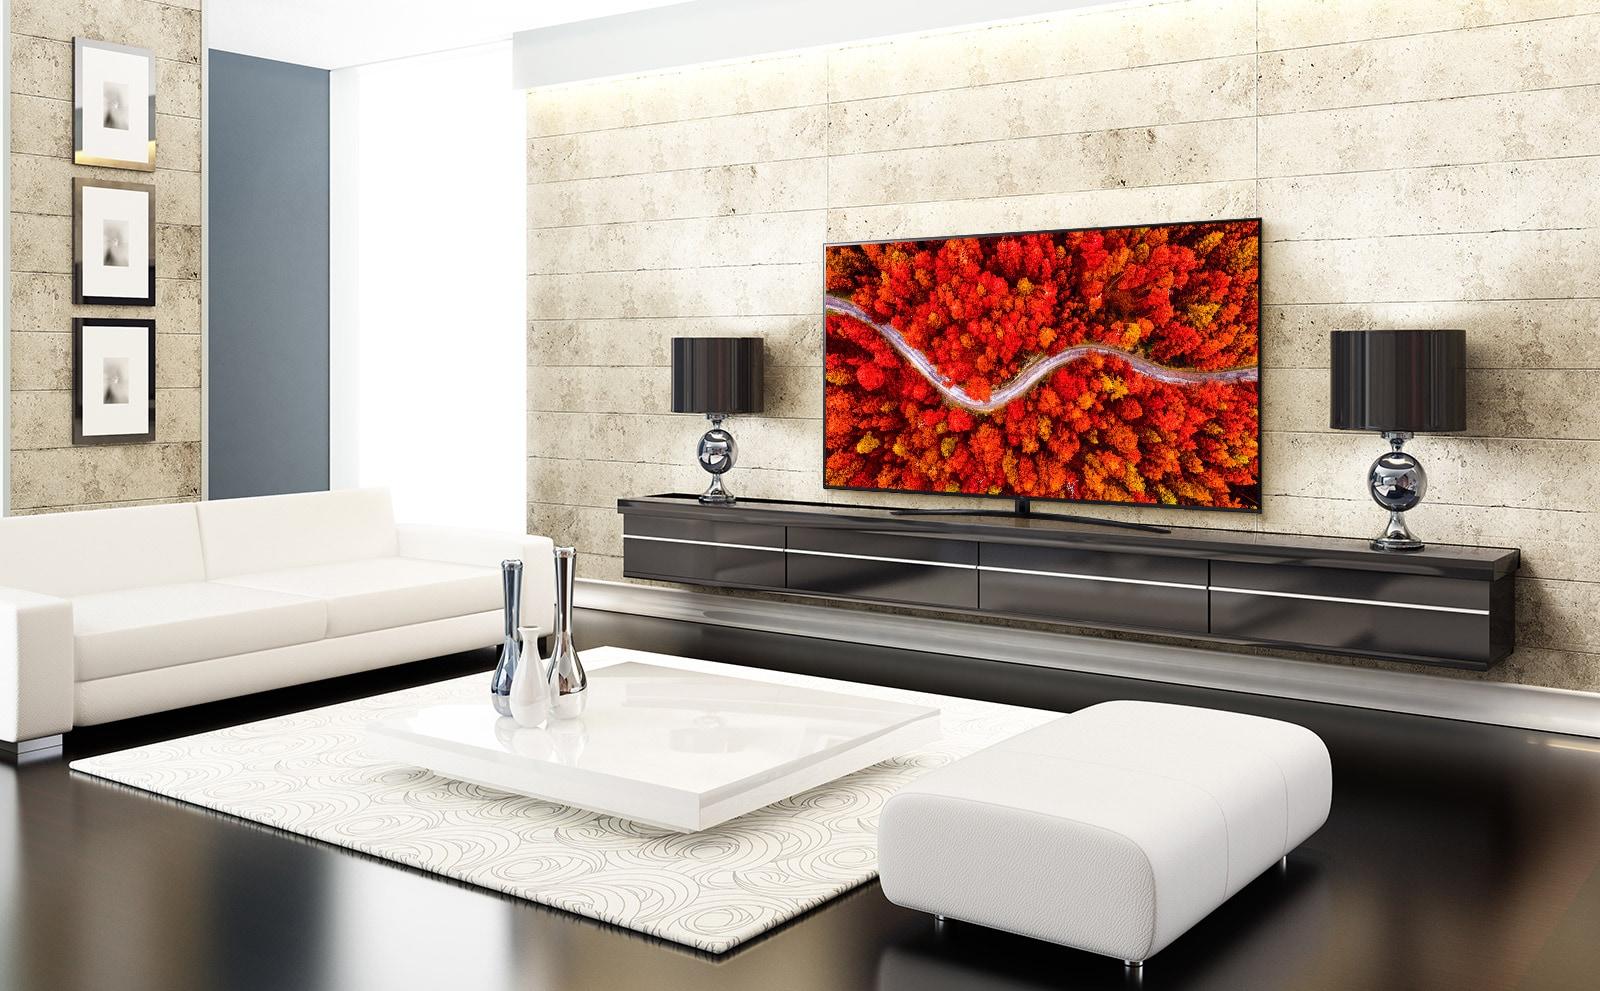 Люксовая гостиная с телевизором, на котором демонстрируется аэросъемка осеннего леса.